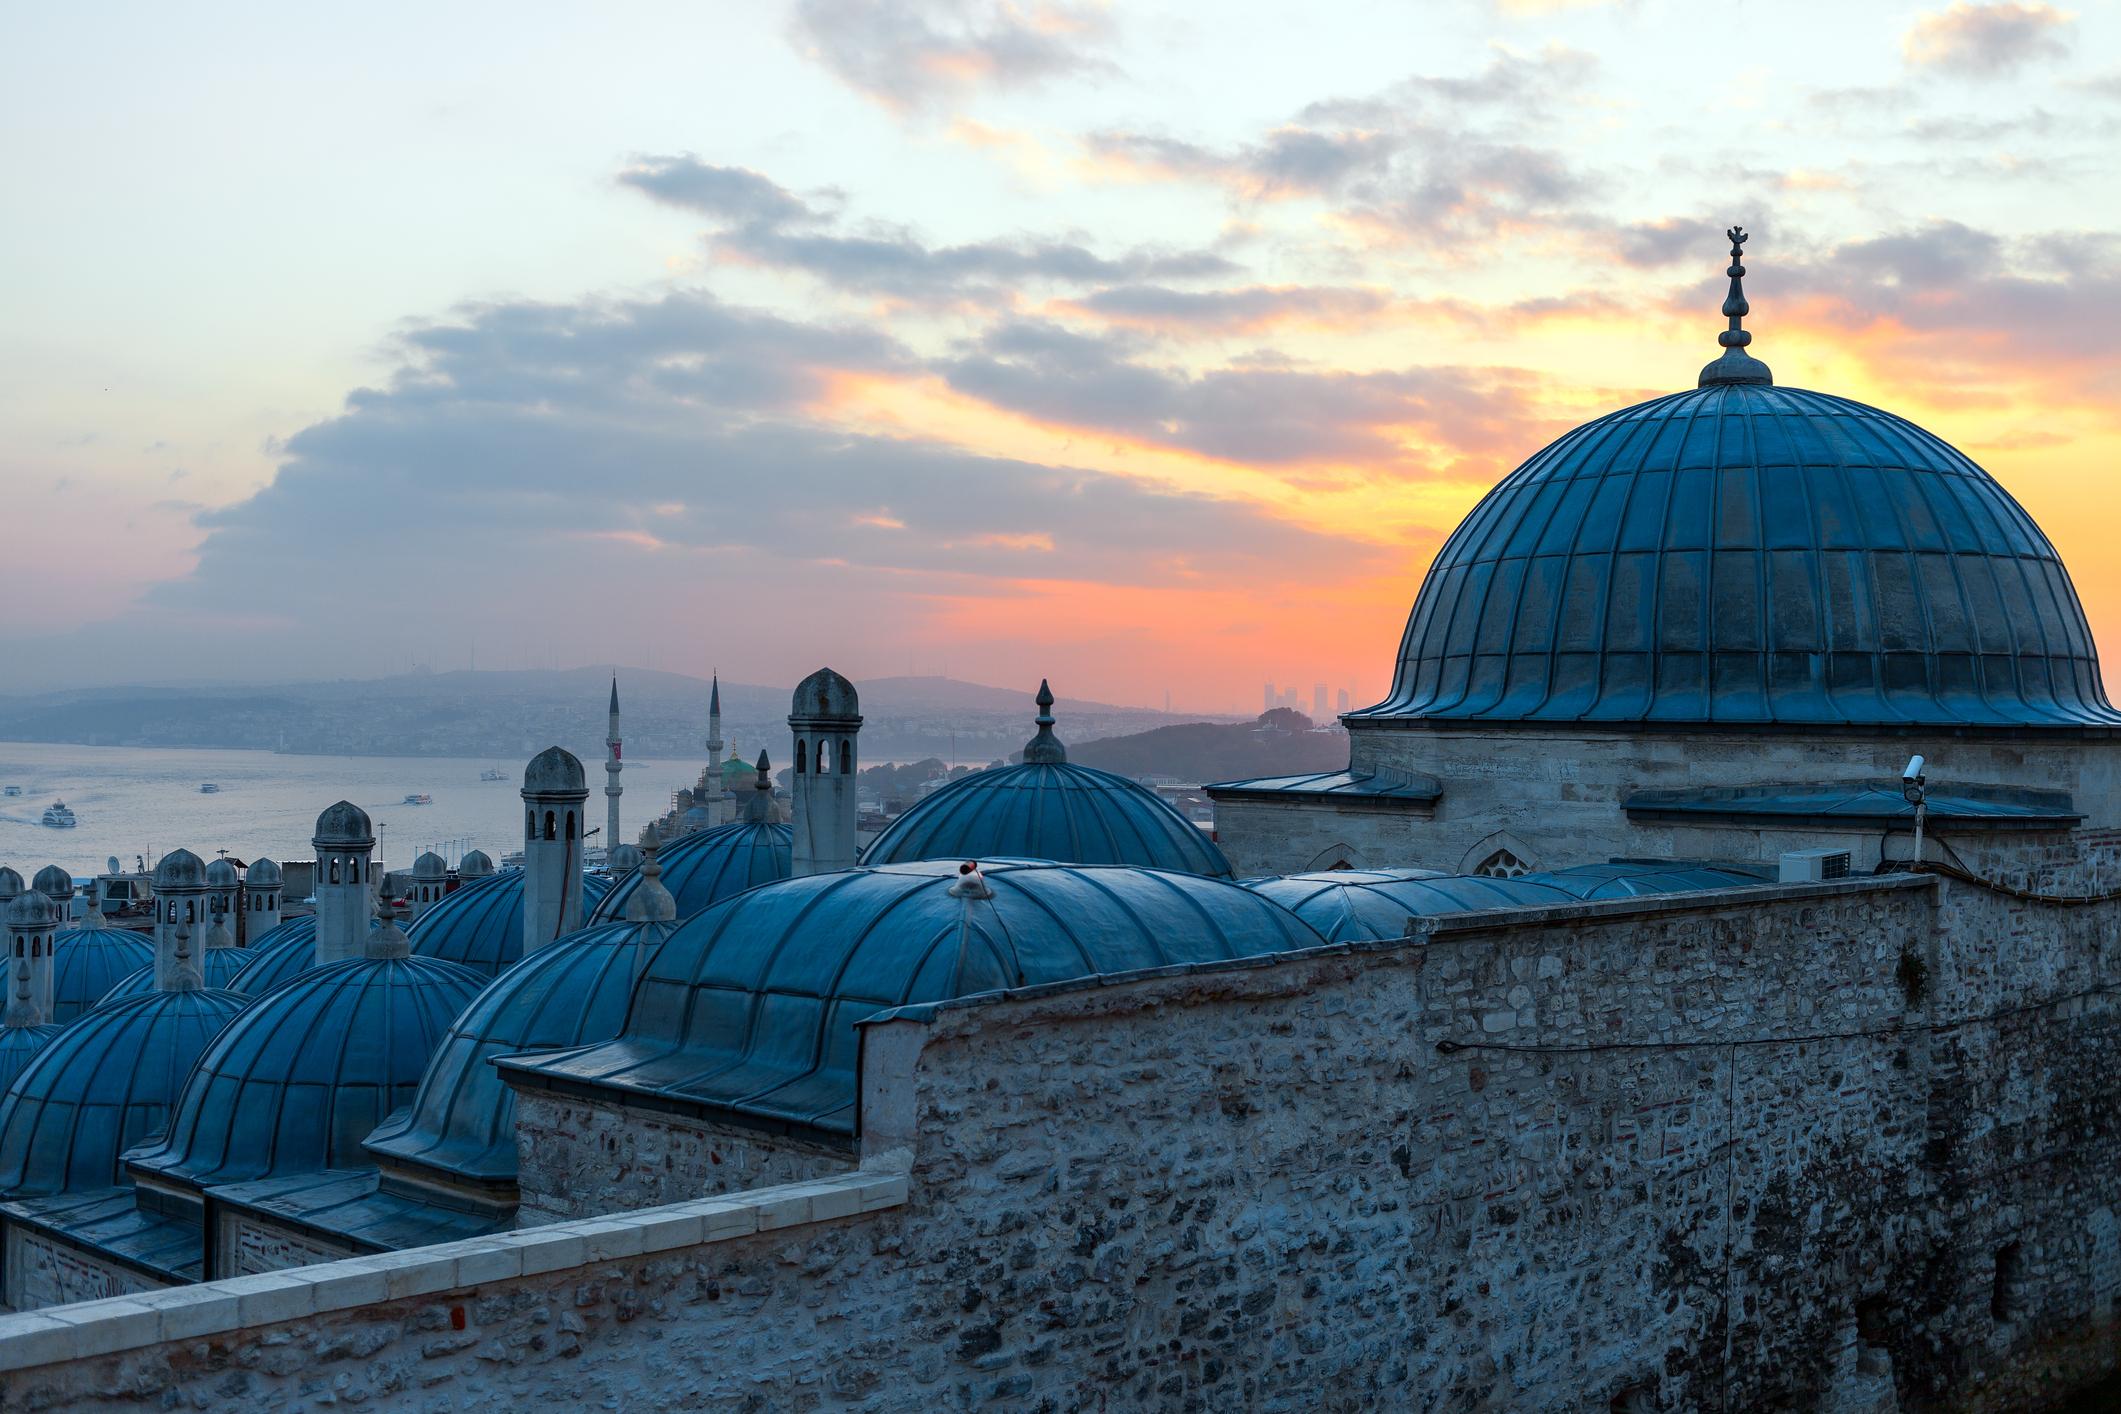 Káprázatos törökfürdők: itt tényleg a paradicsomban érezheted magad